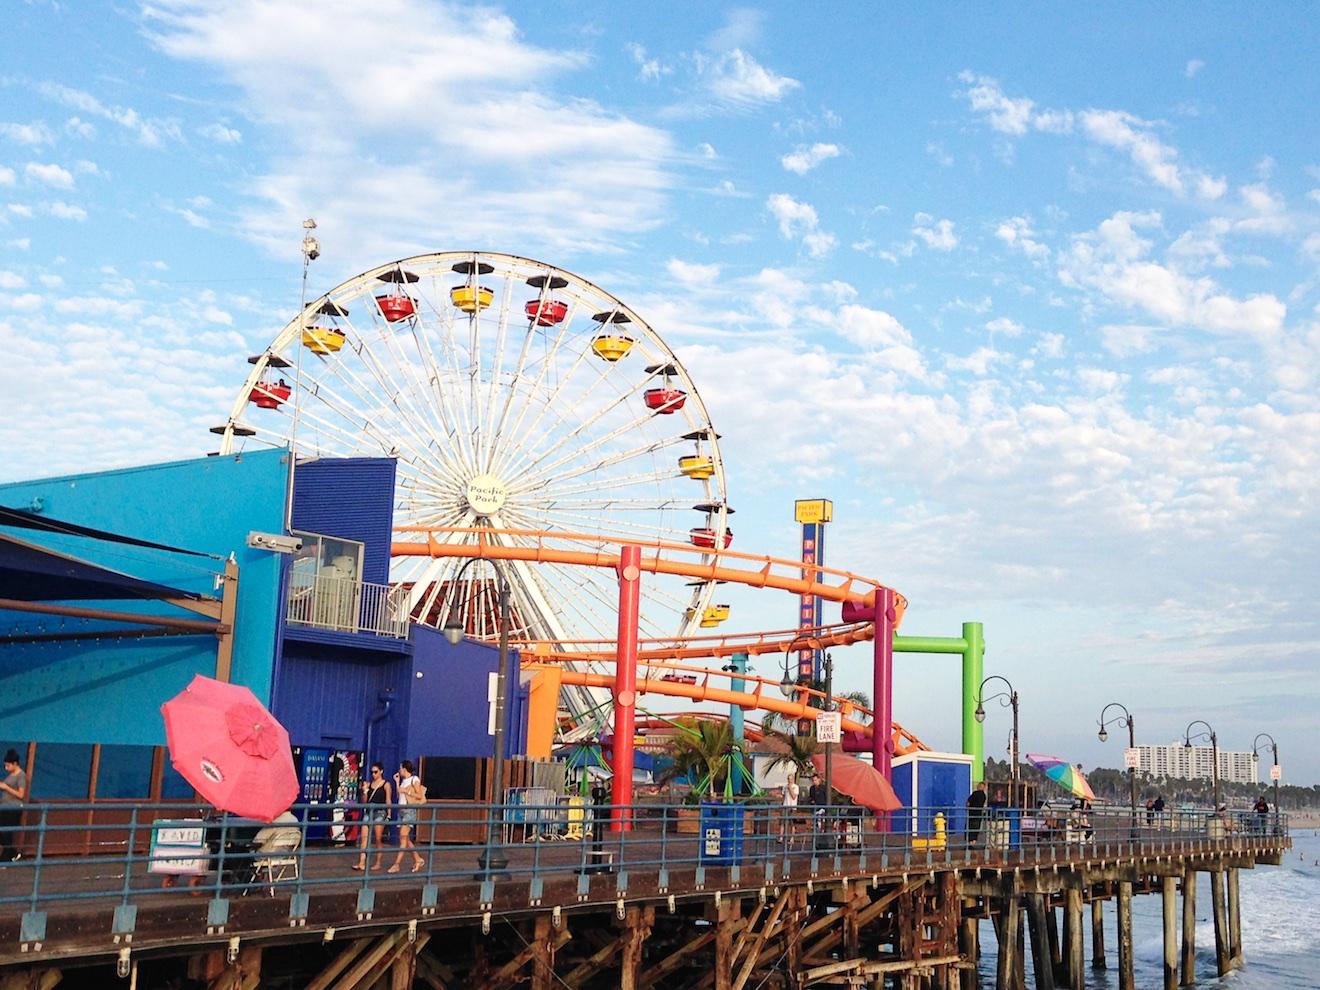 californie hotspots, eten in californie, wat te doen in californie